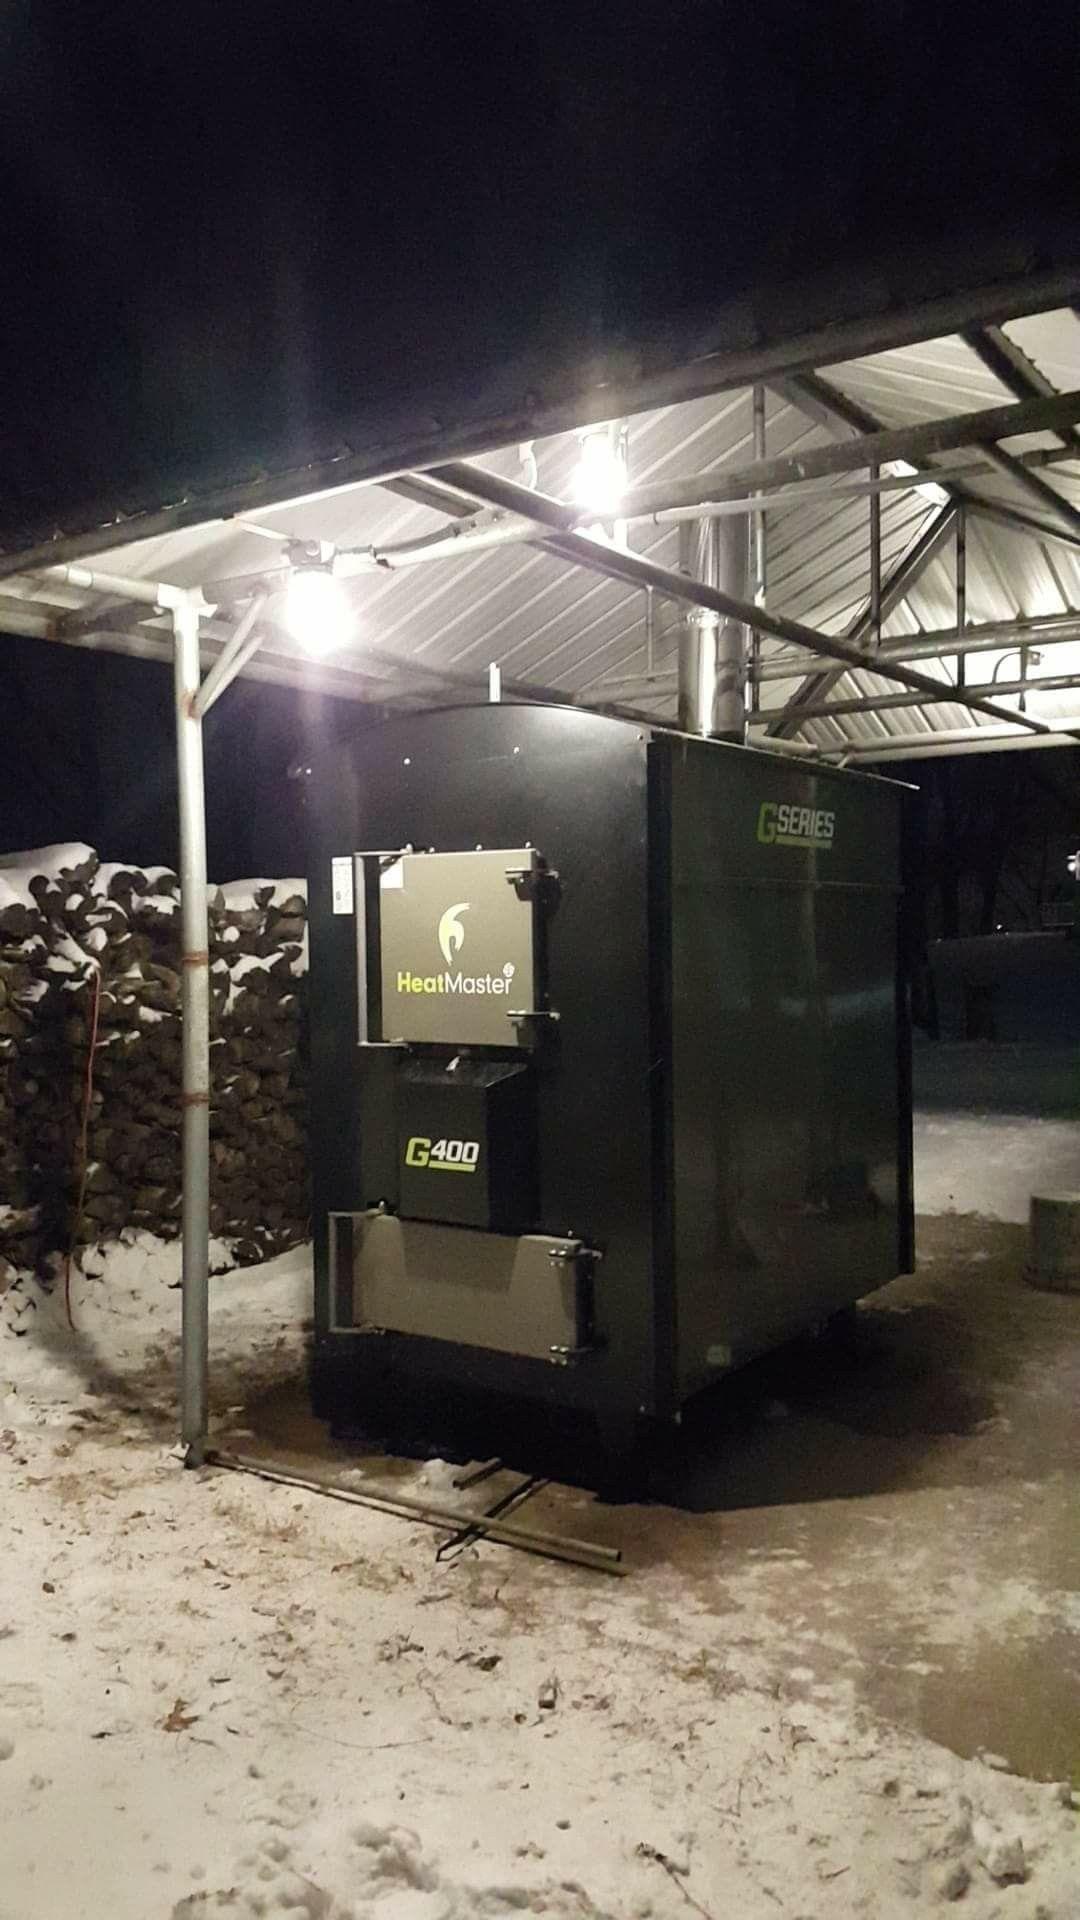 Outdoor Wood Boiler Heatmaster G400 Outdoor wood